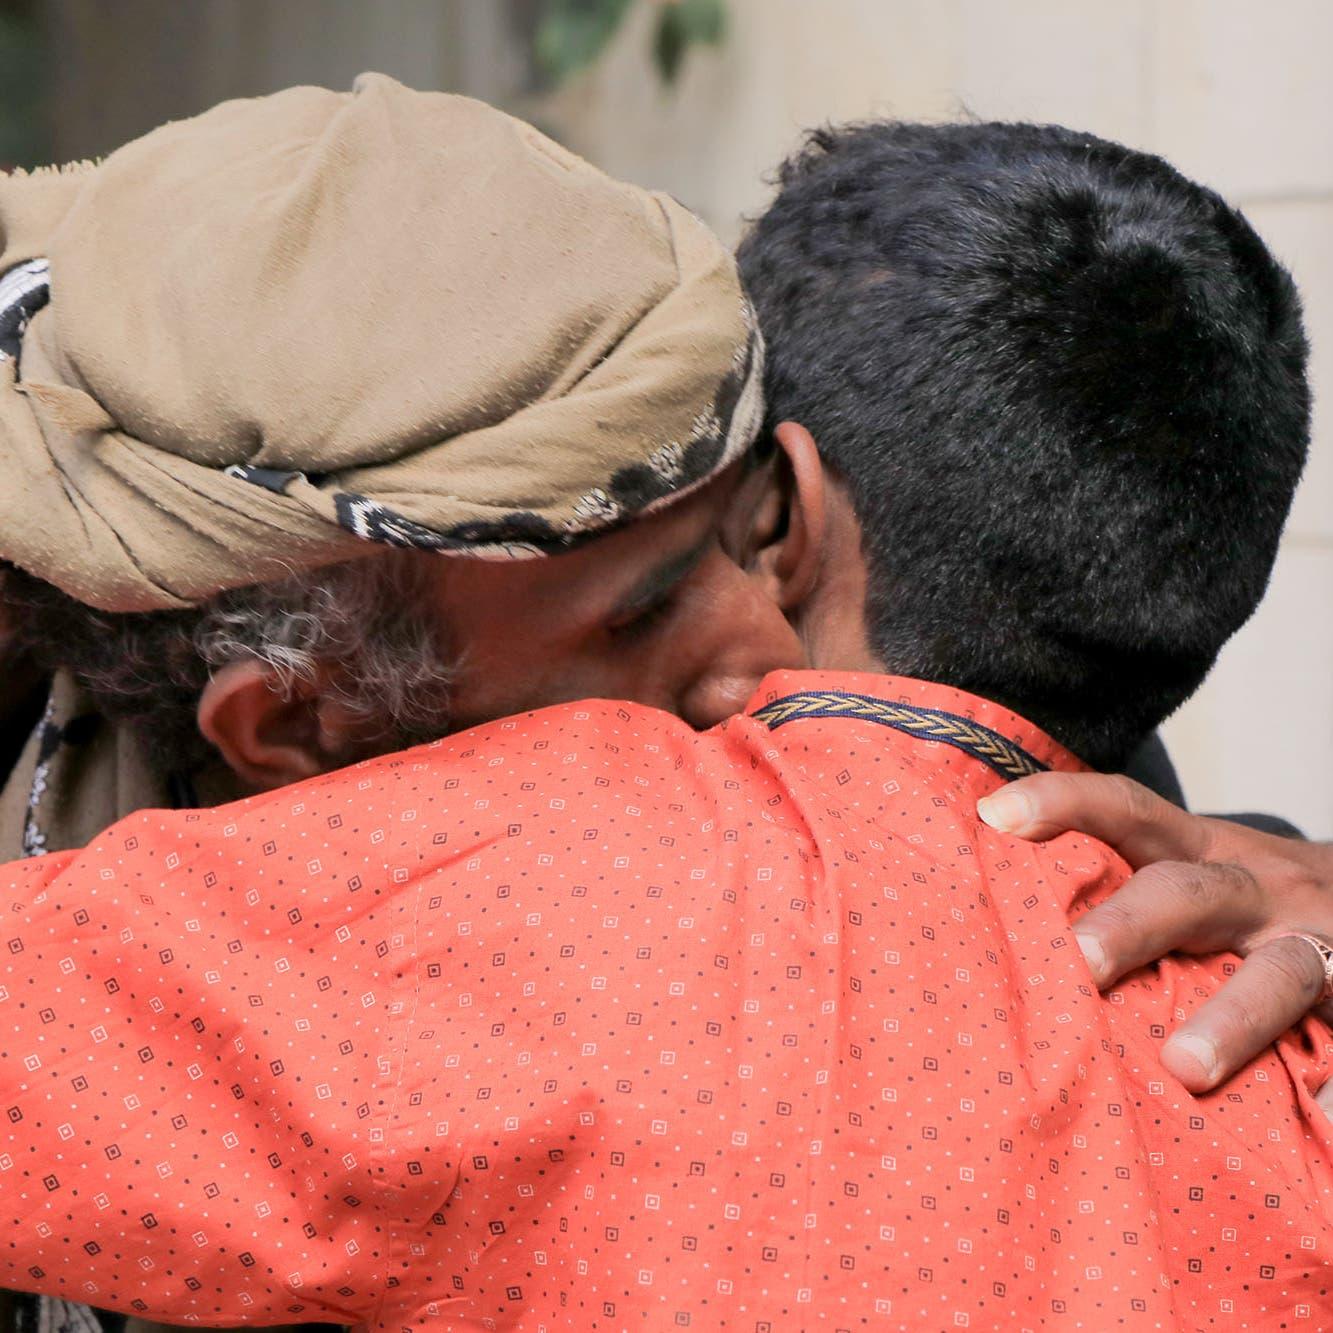 شاهد.. الجيش اليمني يسلم الصليب الأحمر 21 طفلاً كانوا يقاتلون بصفوف الحوثي